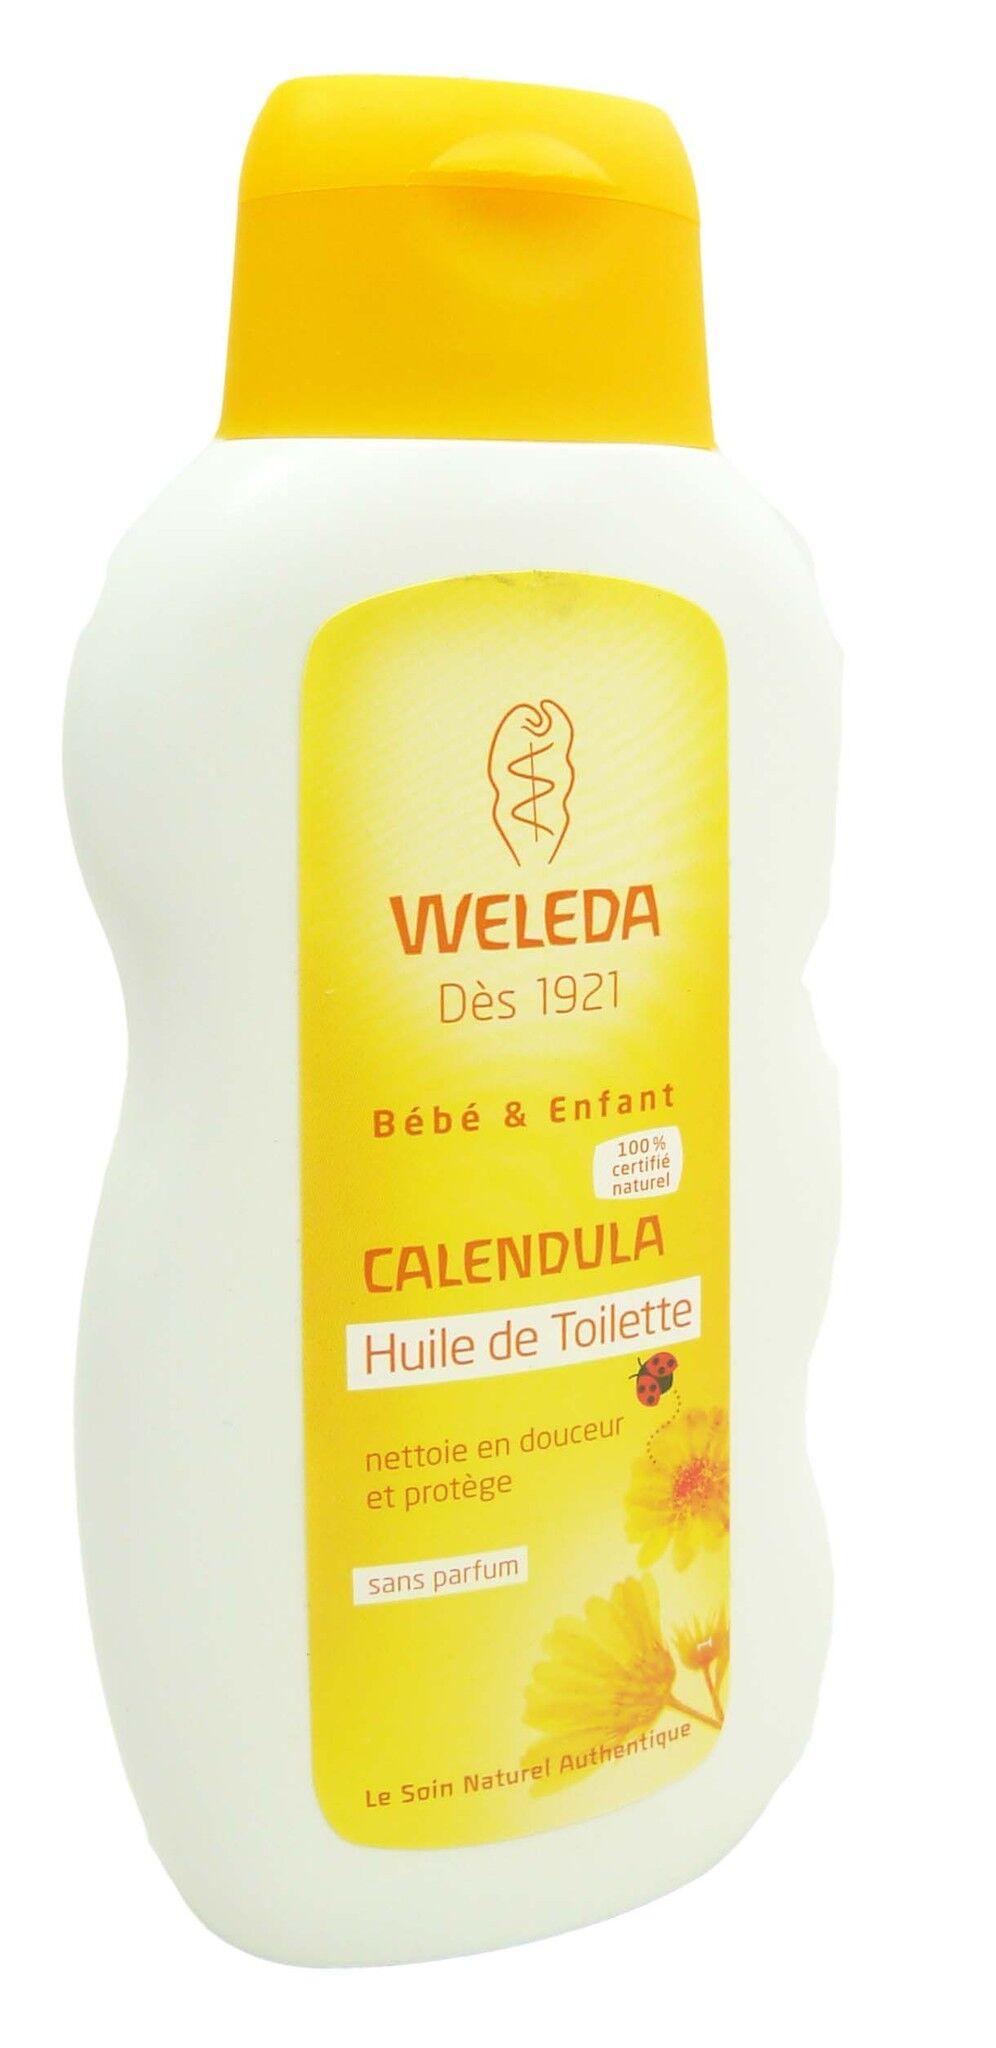 Weleda bebe calendula huile de toilette 200ml